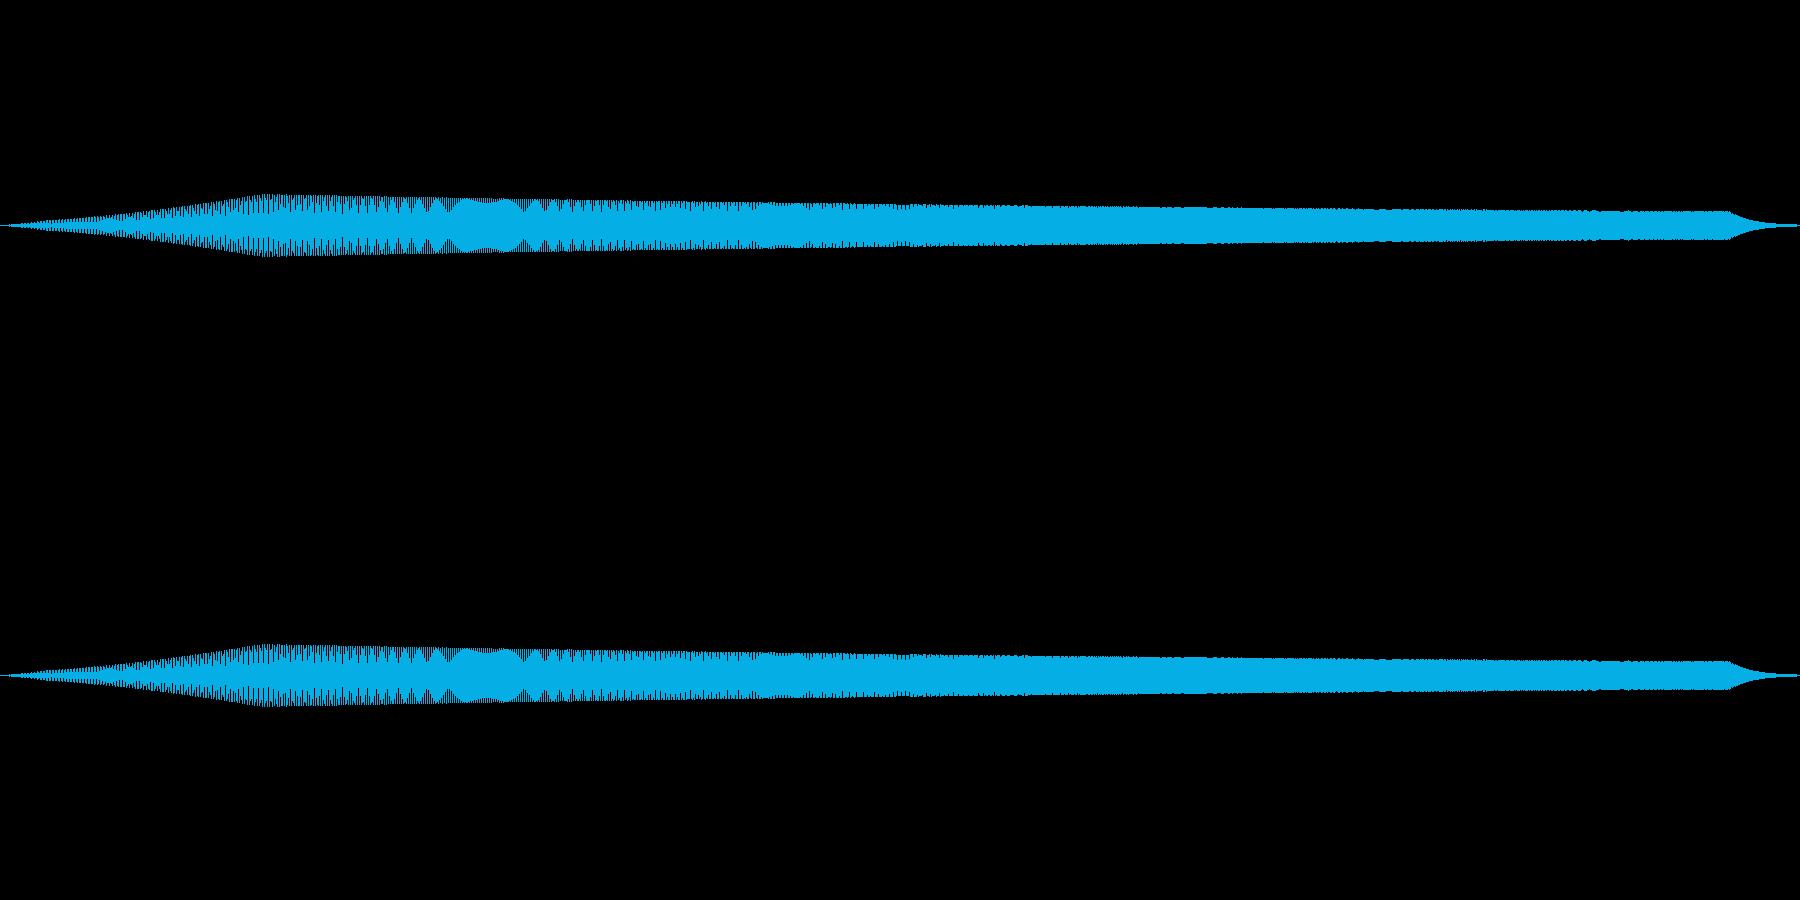 ヒョイ(動作やスライド音などに)の再生済みの波形